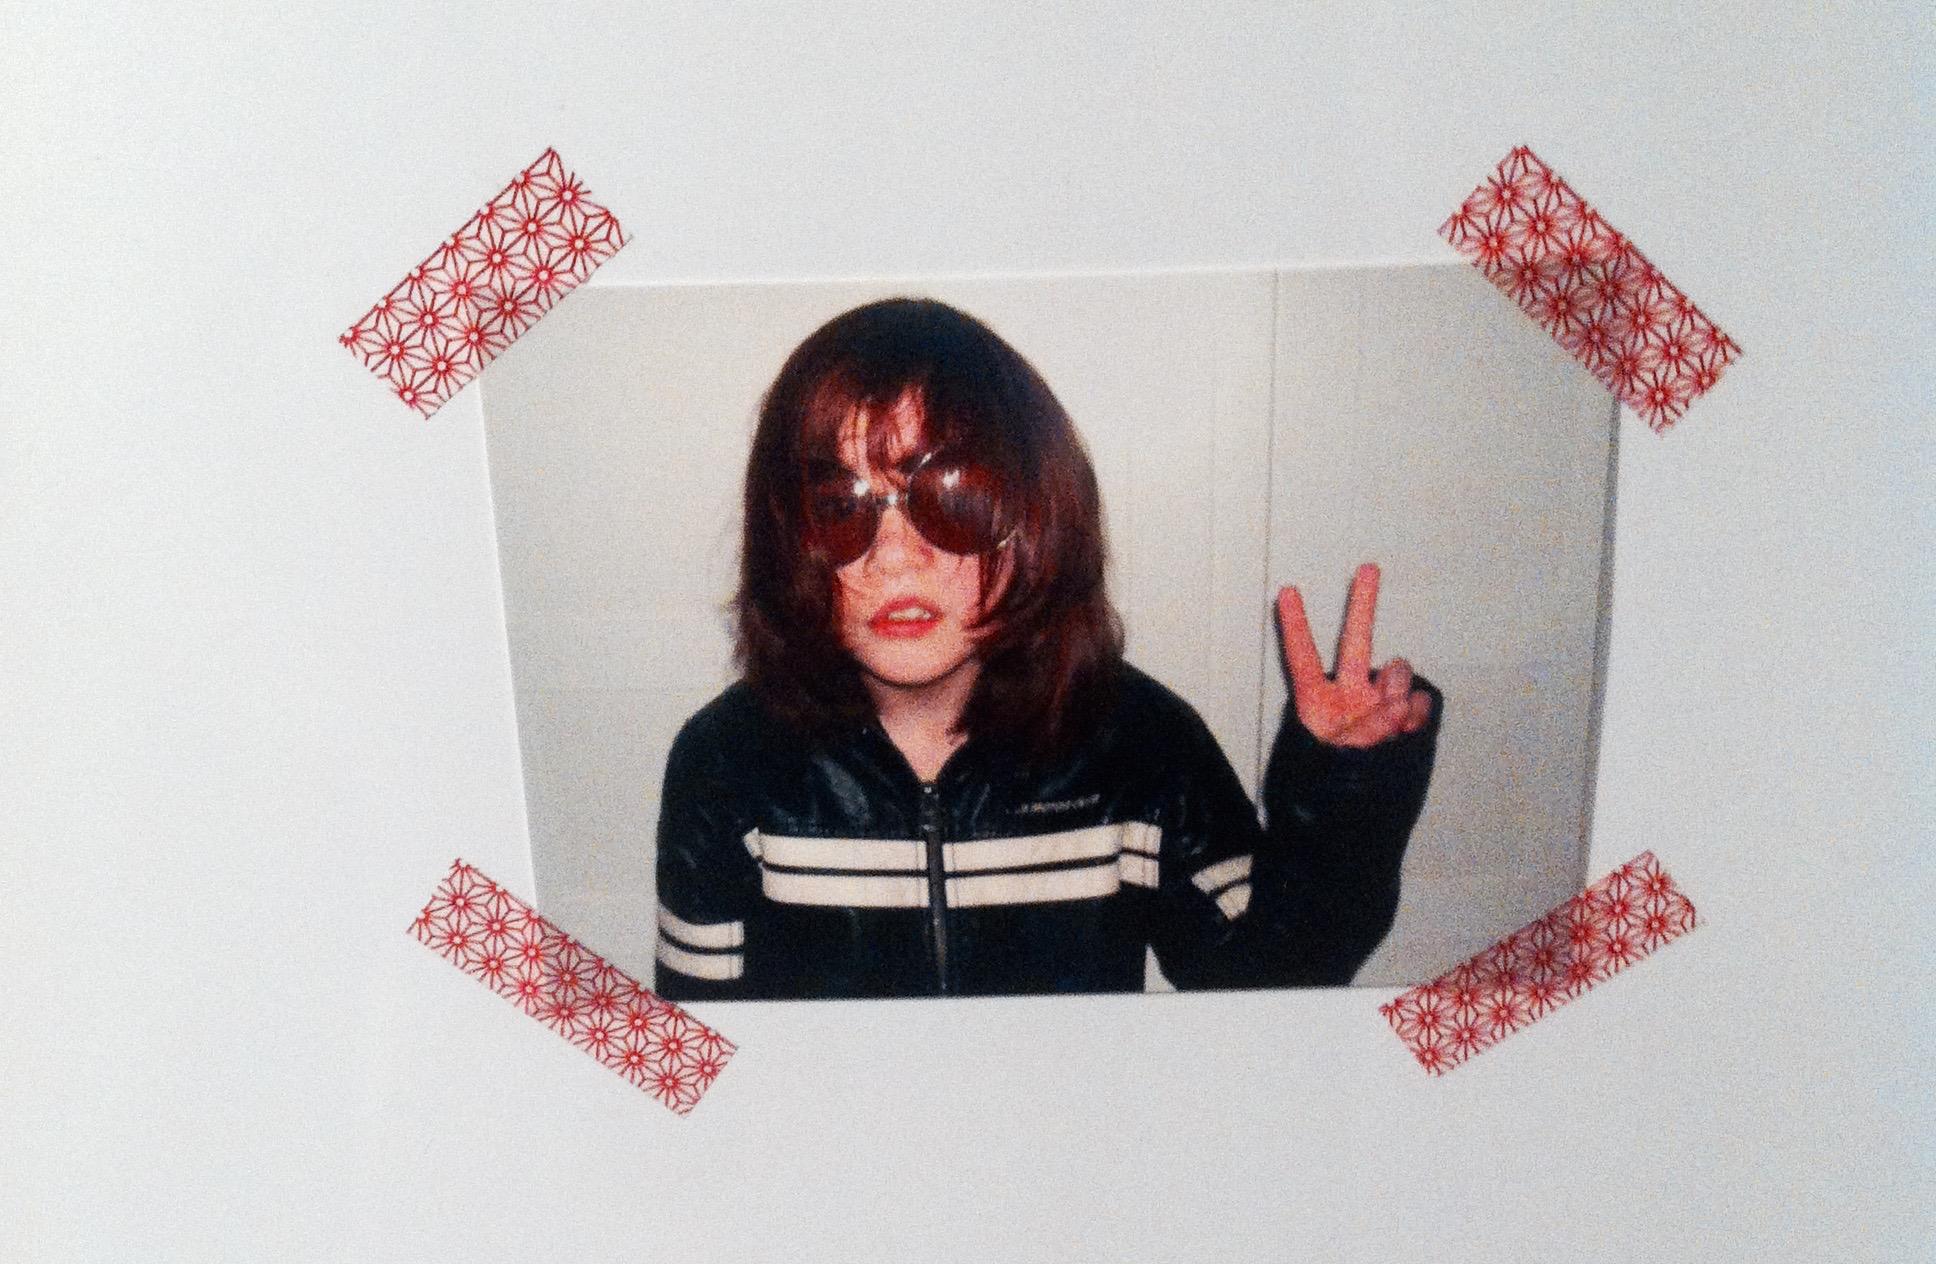 Ziemlich Punkrock. Eine Postkarte an meinem Kühlschrank.